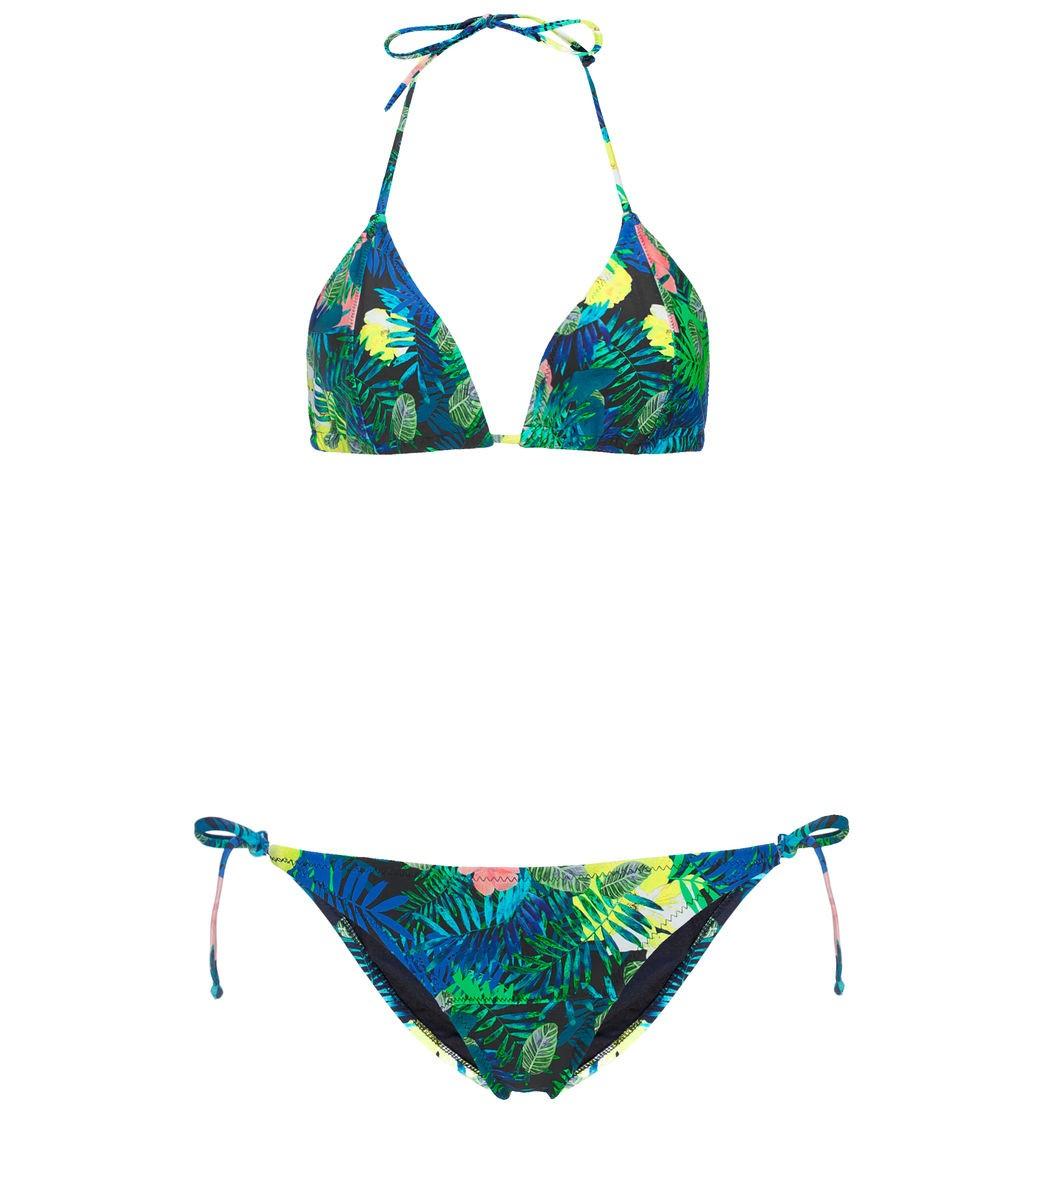 Pleasure Island Bikini